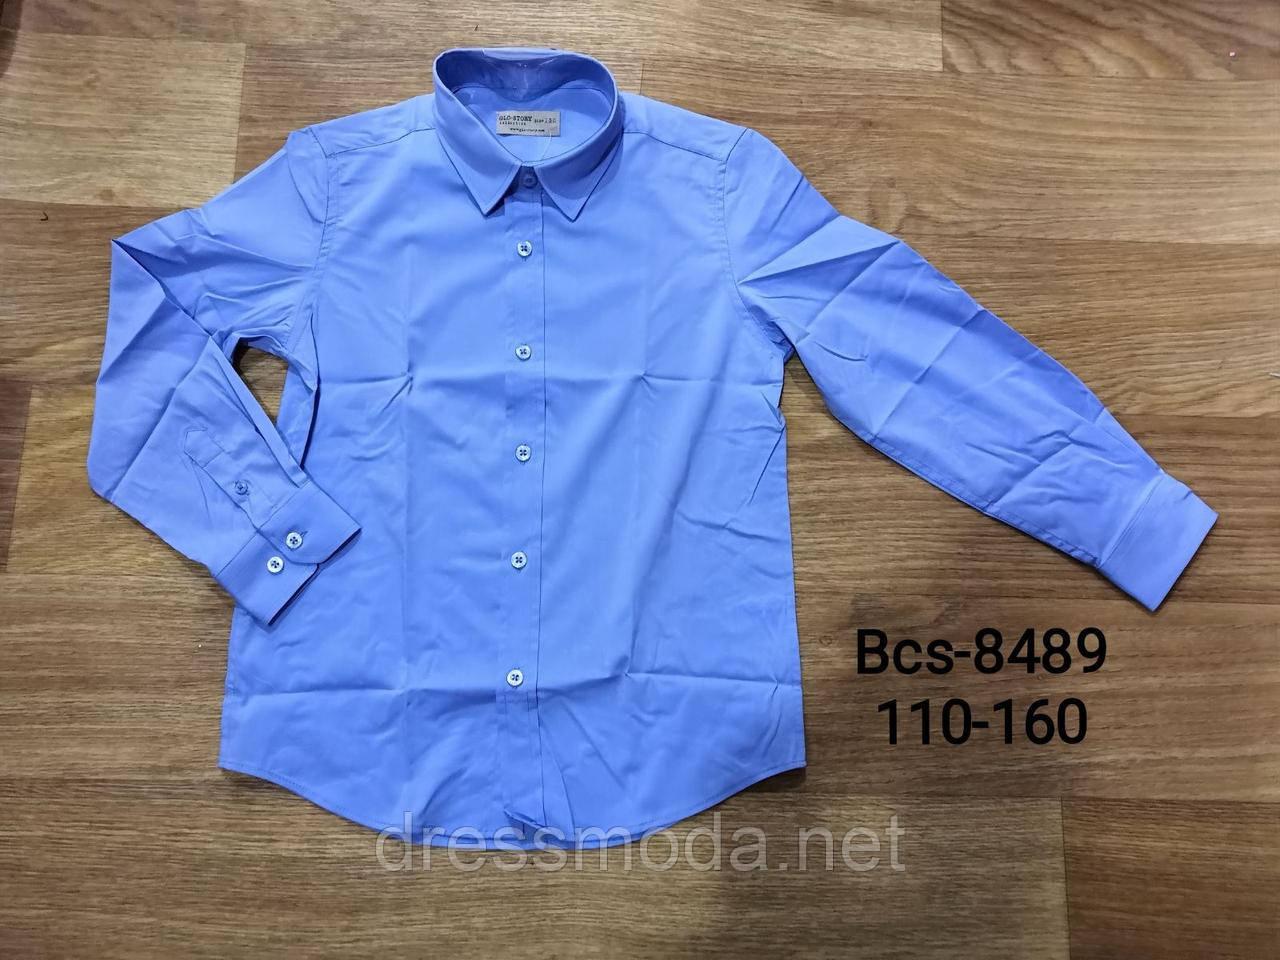 Рубашки хлопковые для мальчиков Glo-Story 110-160 p.p.